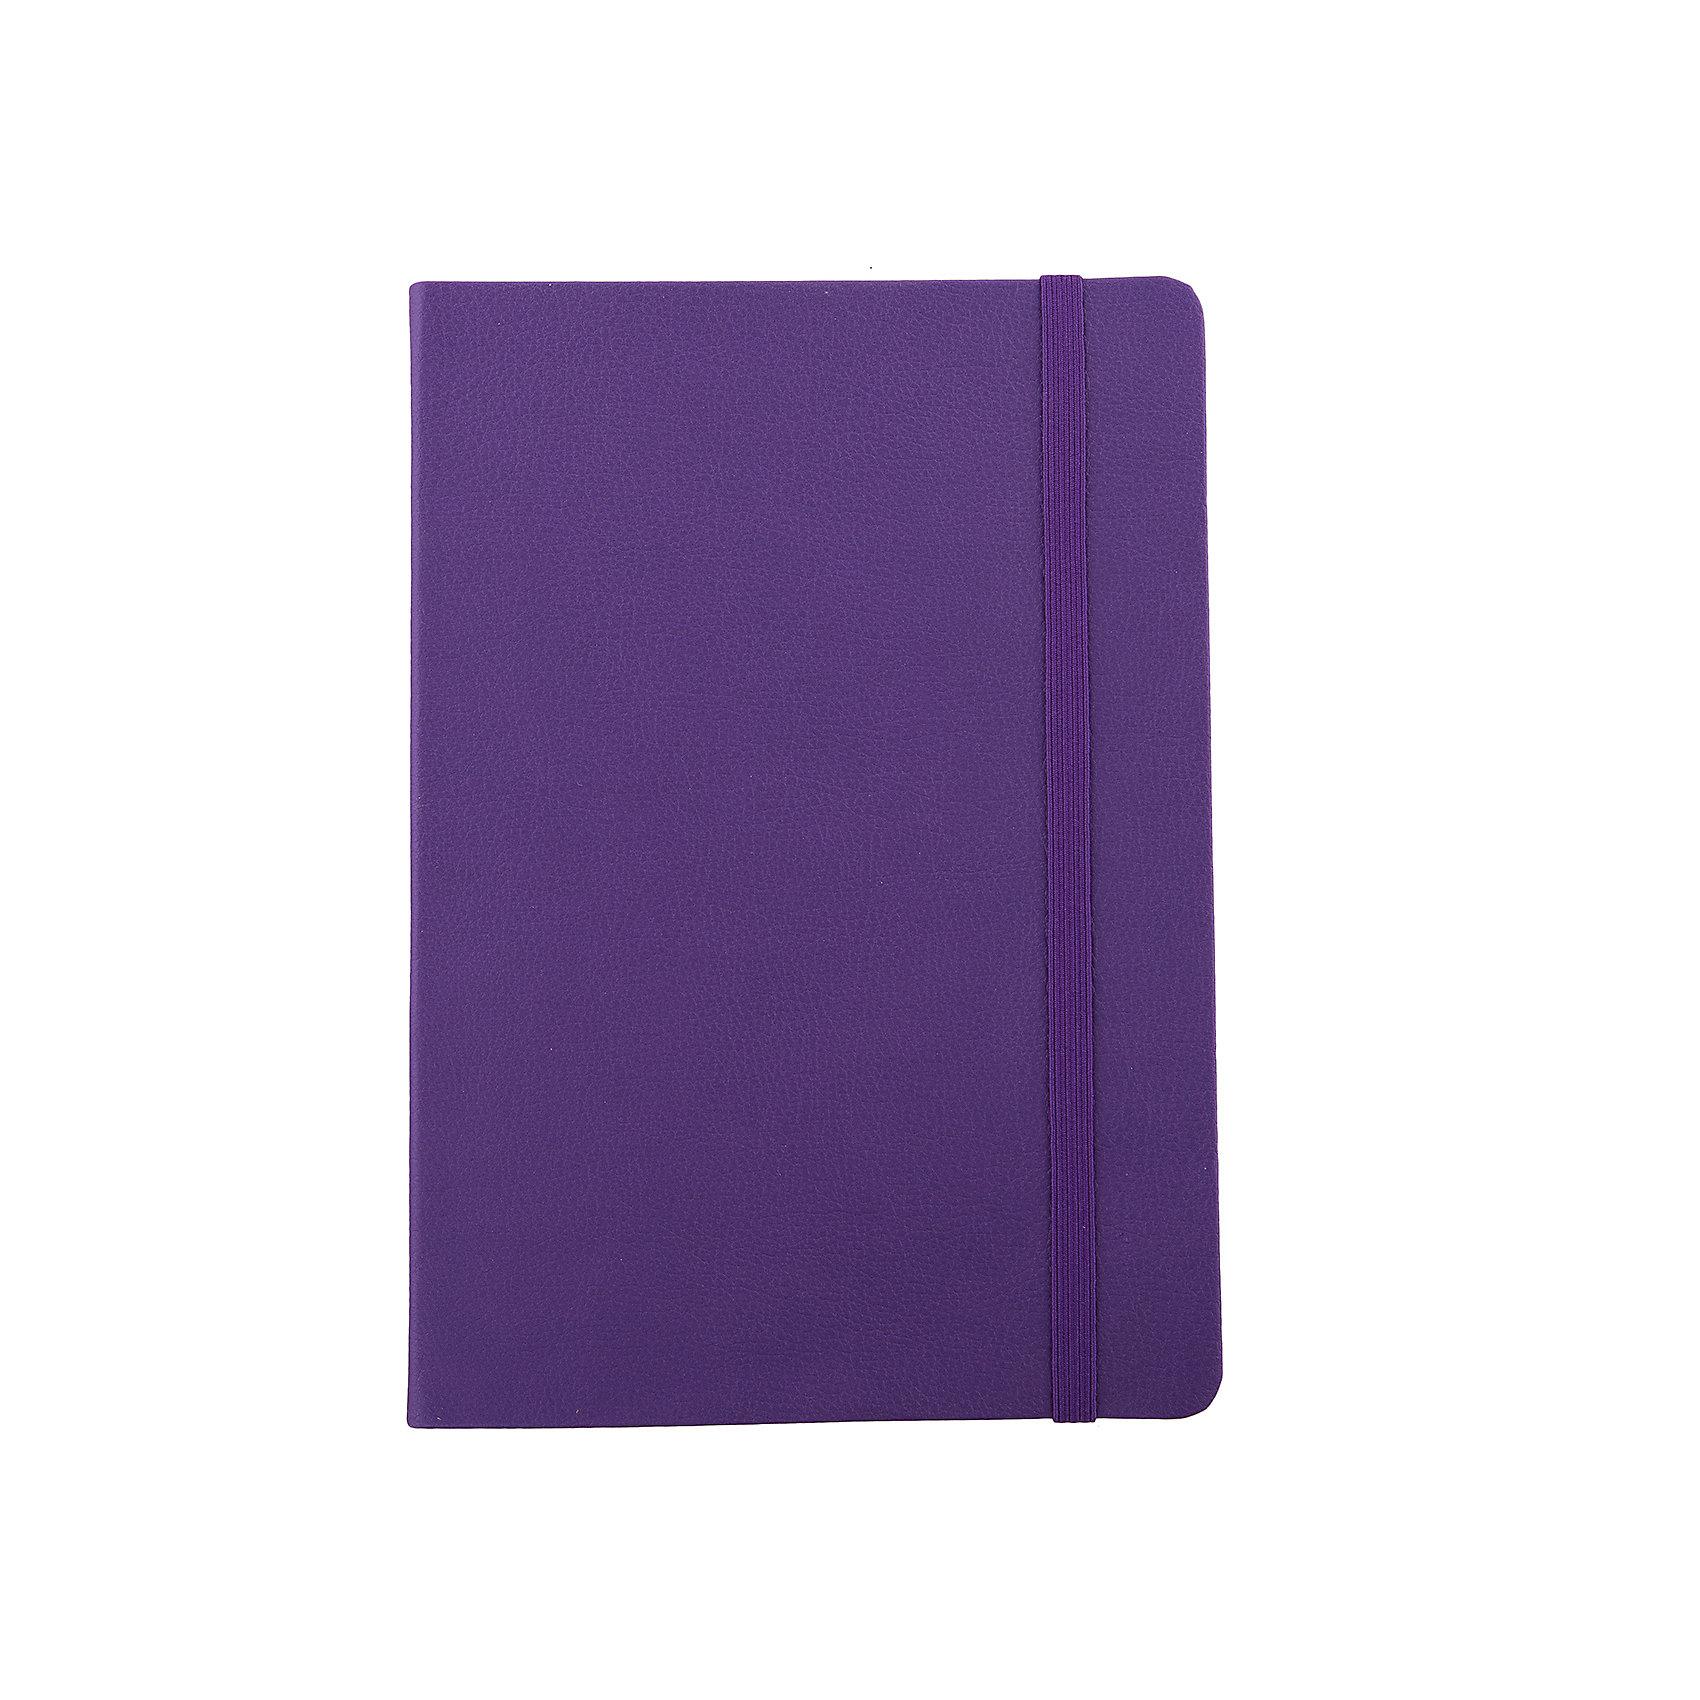 Записная книга на резинке Феникс+, фиолетовыйБумажная продукция<br>Записная книга на резинке ФИОЛЕТОВЫЙ (обложка кожзам, 145х205 мм, мягкий переплет, внутр. блок в клетку, 192 страницы, офсет, ляссе)<br><br>Ширина мм: 205<br>Глубина мм: 140<br>Высота мм: 10<br>Вес г: 250<br>Возраст от месяцев: 72<br>Возраст до месяцев: 2147483647<br>Пол: Унисекс<br>Возраст: Детский<br>SKU: 7046205